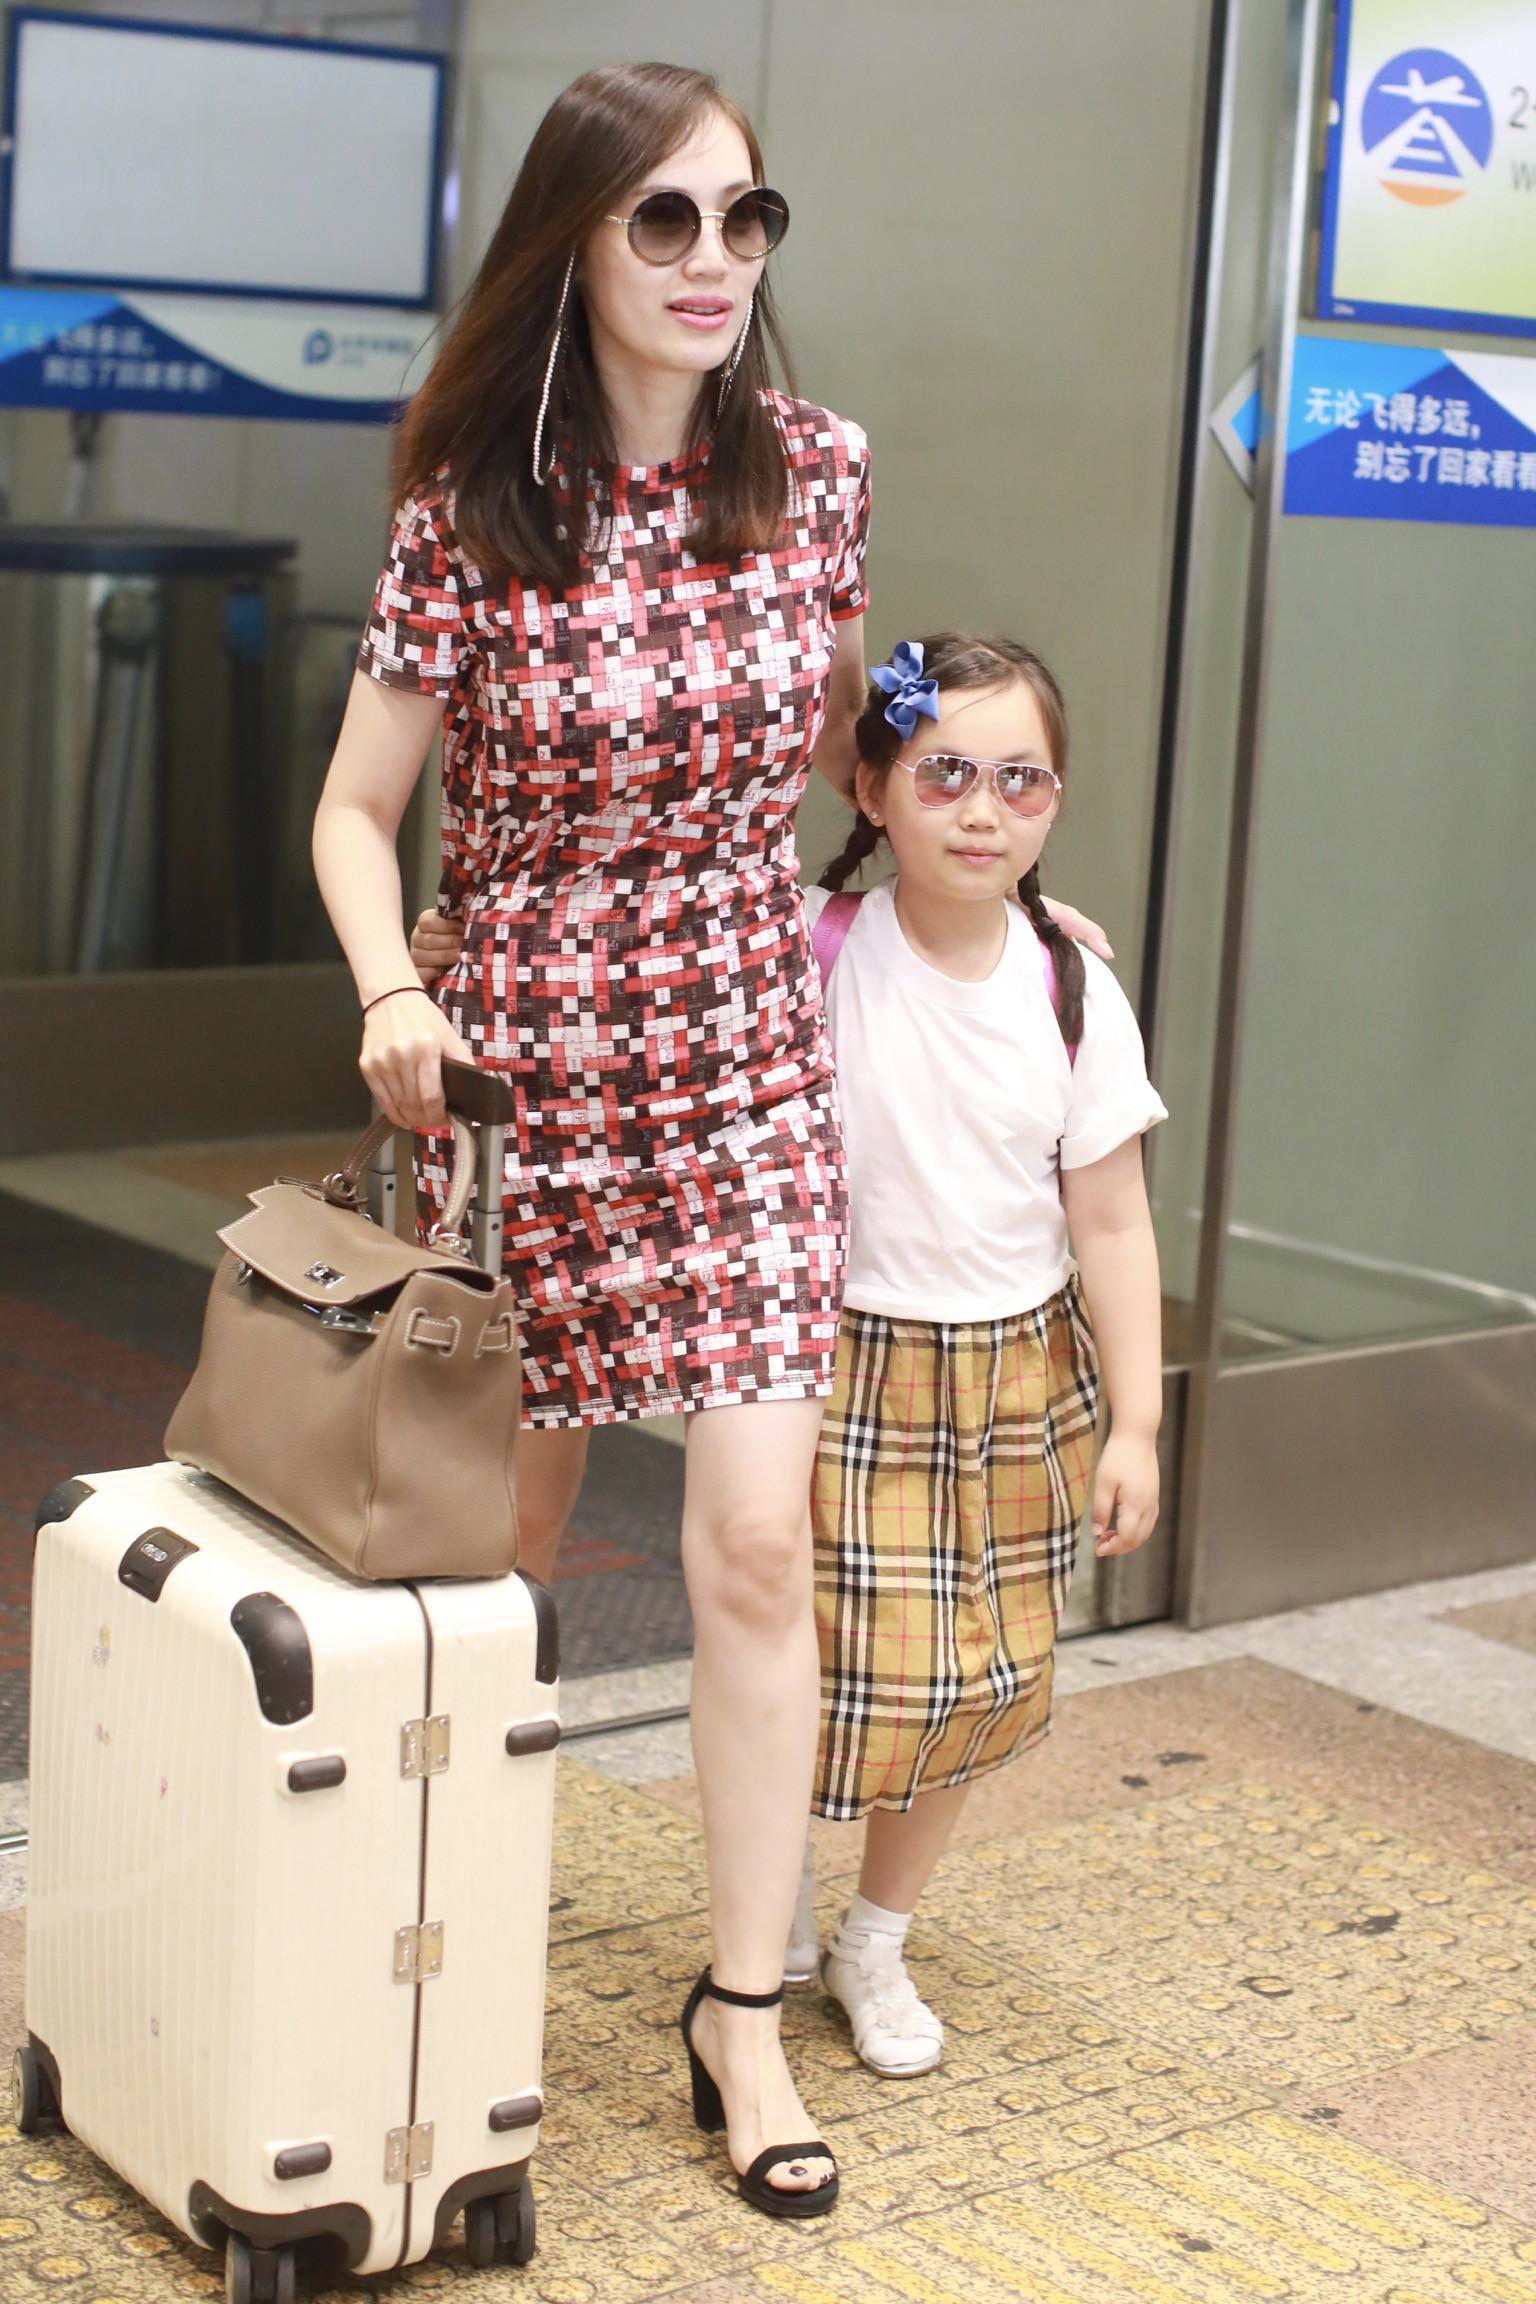 马蓉 王宝强 女儿 耳钉 王子珊 网友 ic 机场 墨镜 母亲 马蓉带 悼念 穿着 父亲 白色 近照...